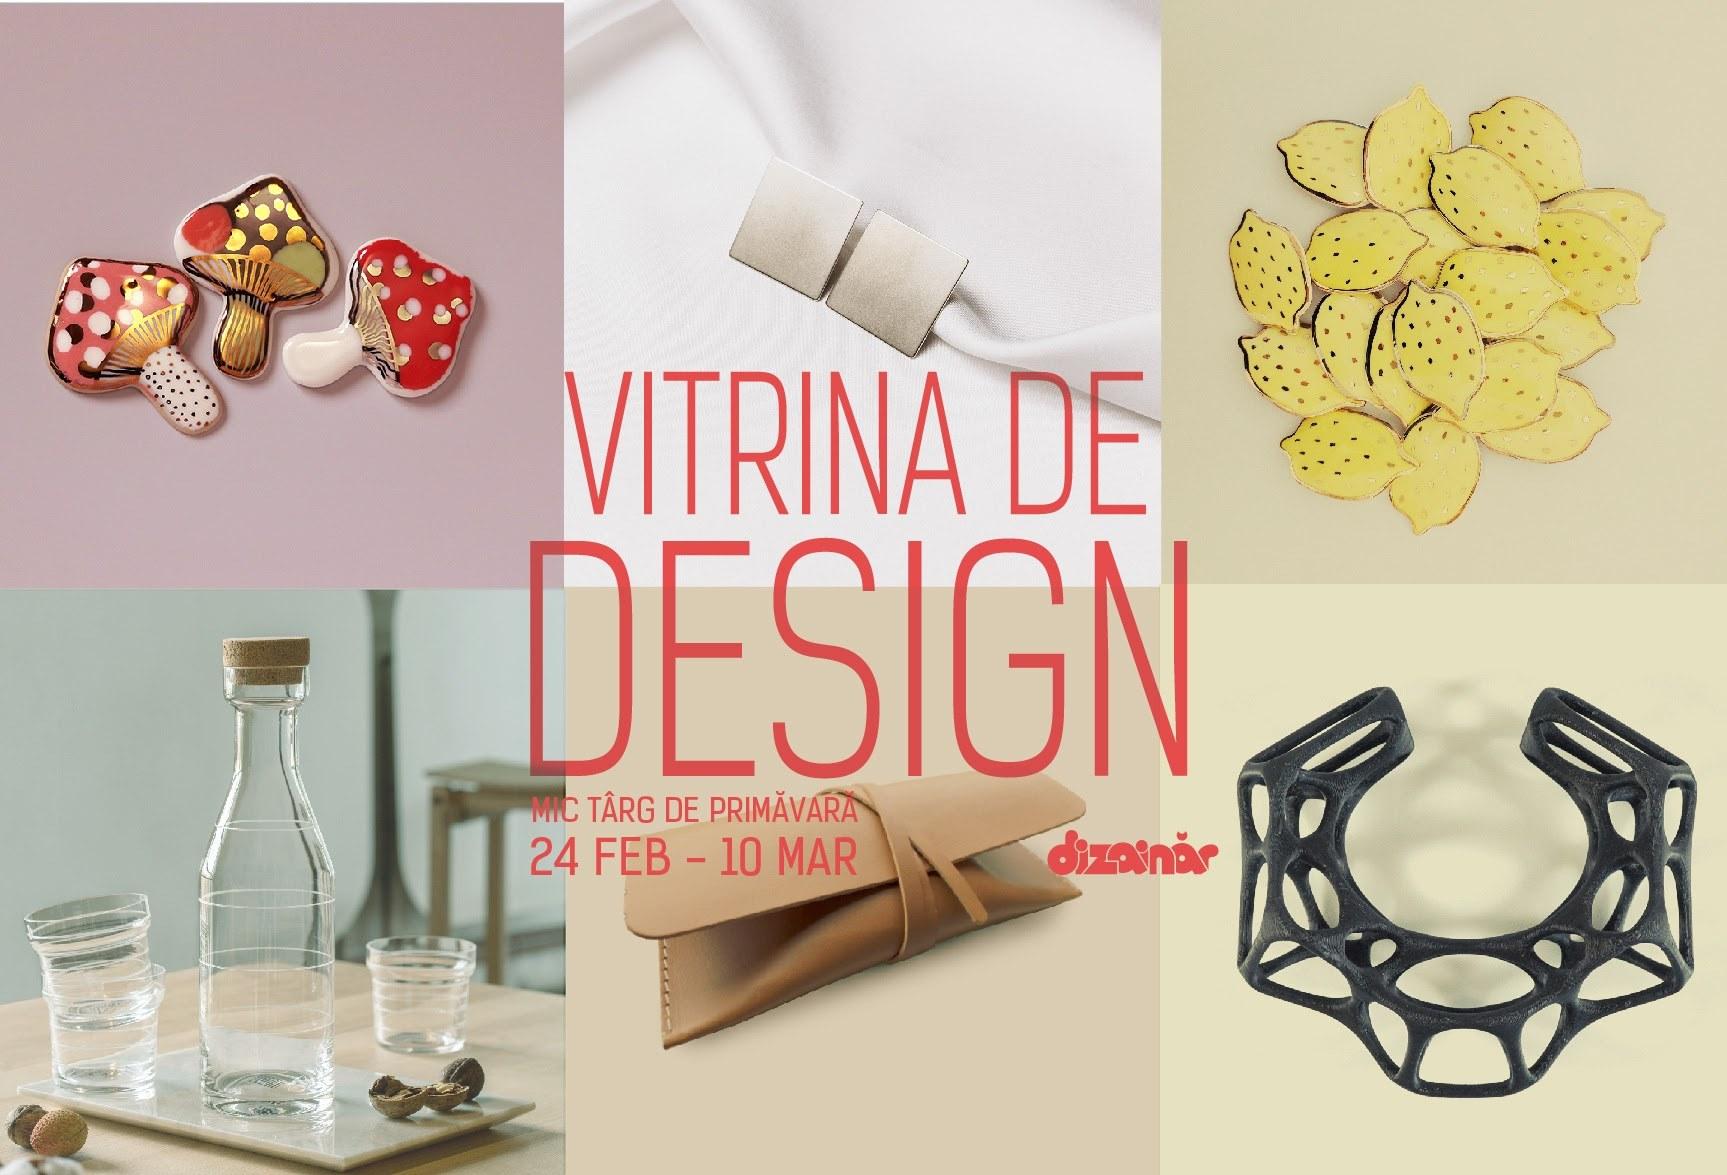 Mic târg de primăvară Vitrina de Design, ediția a 7-a